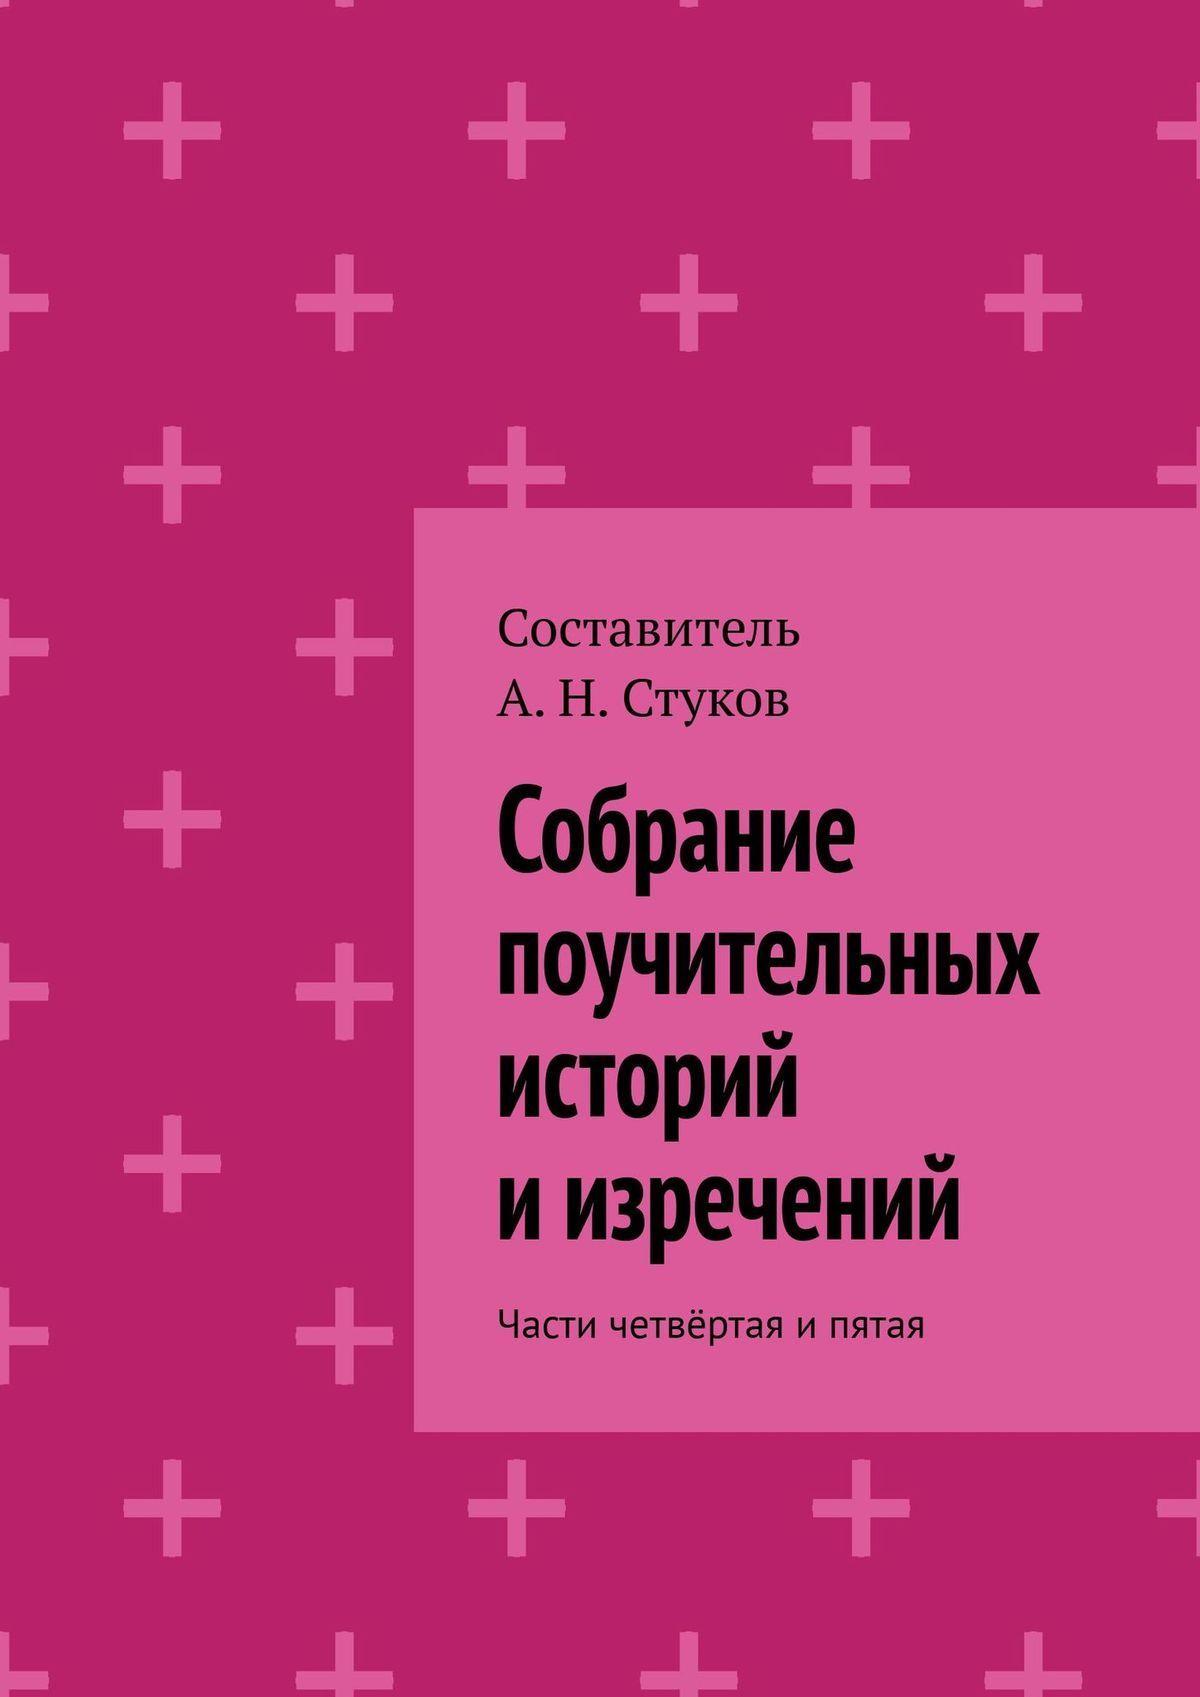 А. Стуков - Собрание поучительных историй иизречений. Части четвёртая ипятая